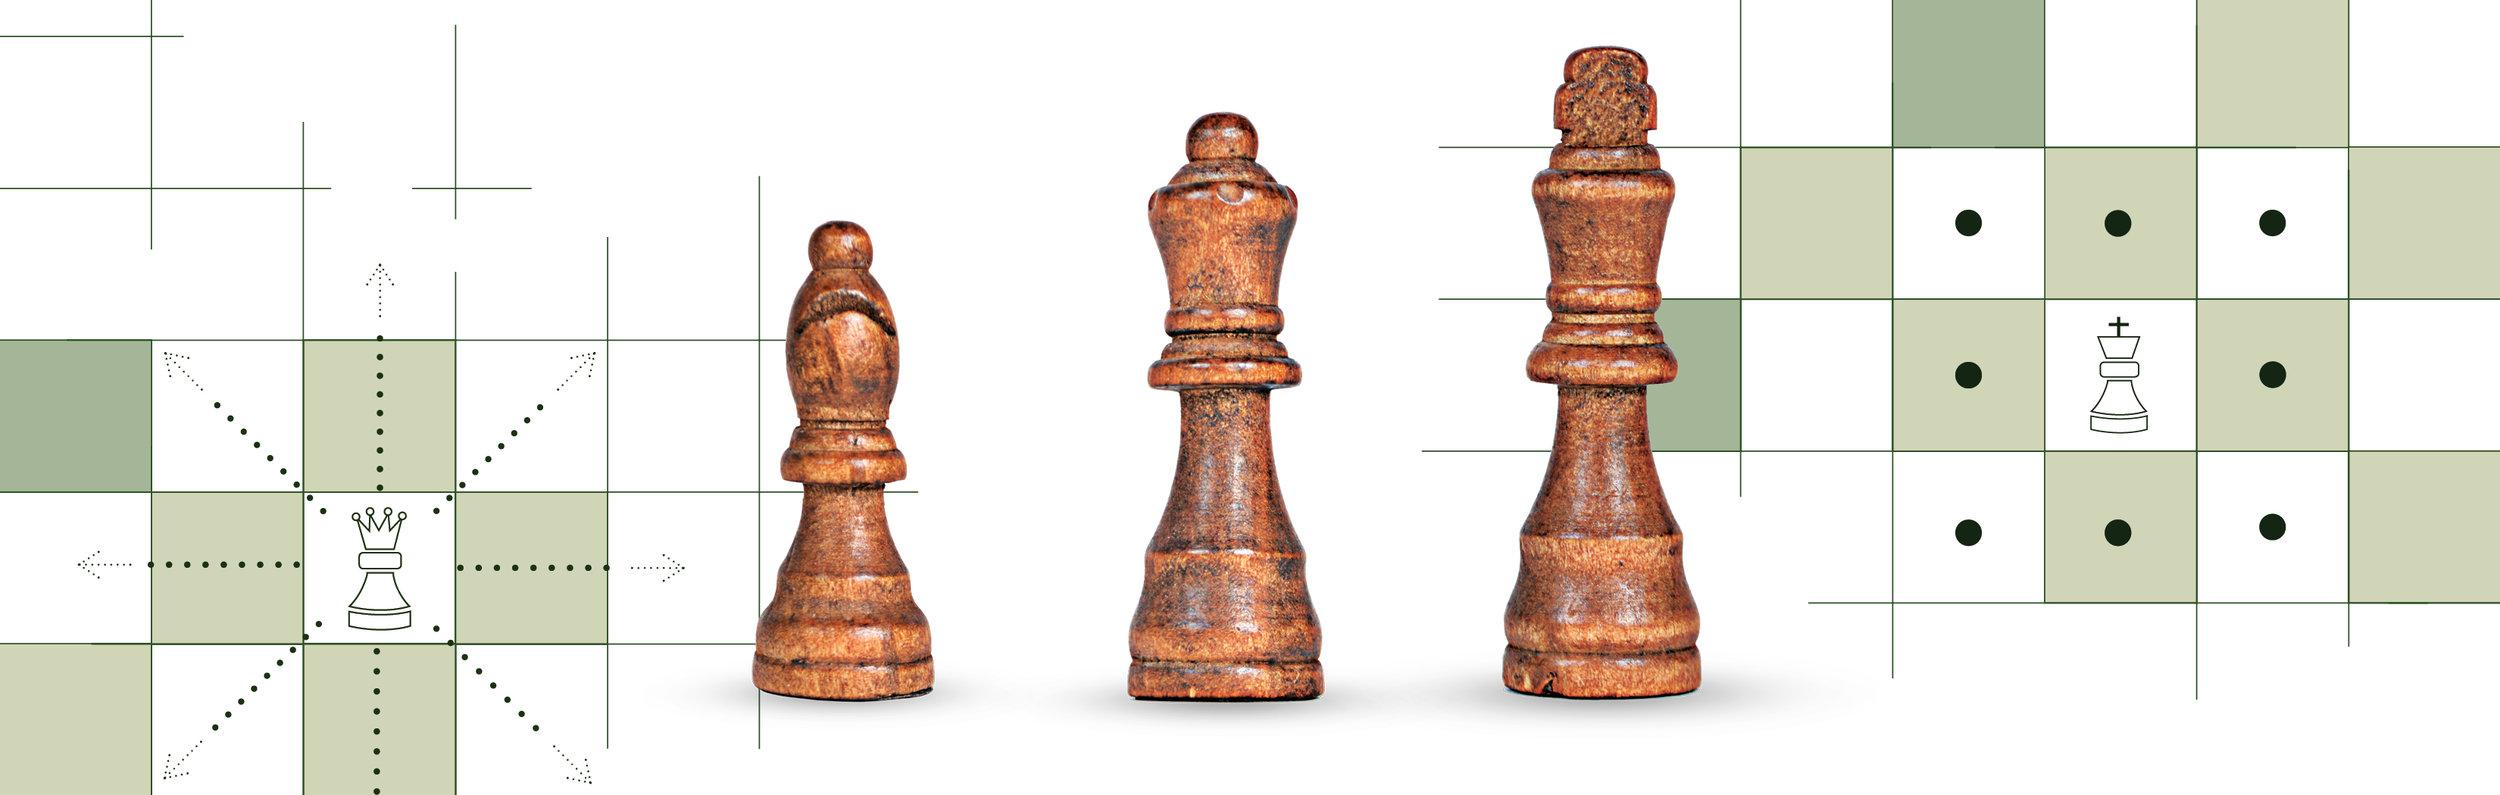 ChessBook-illustration-panels2.jpg